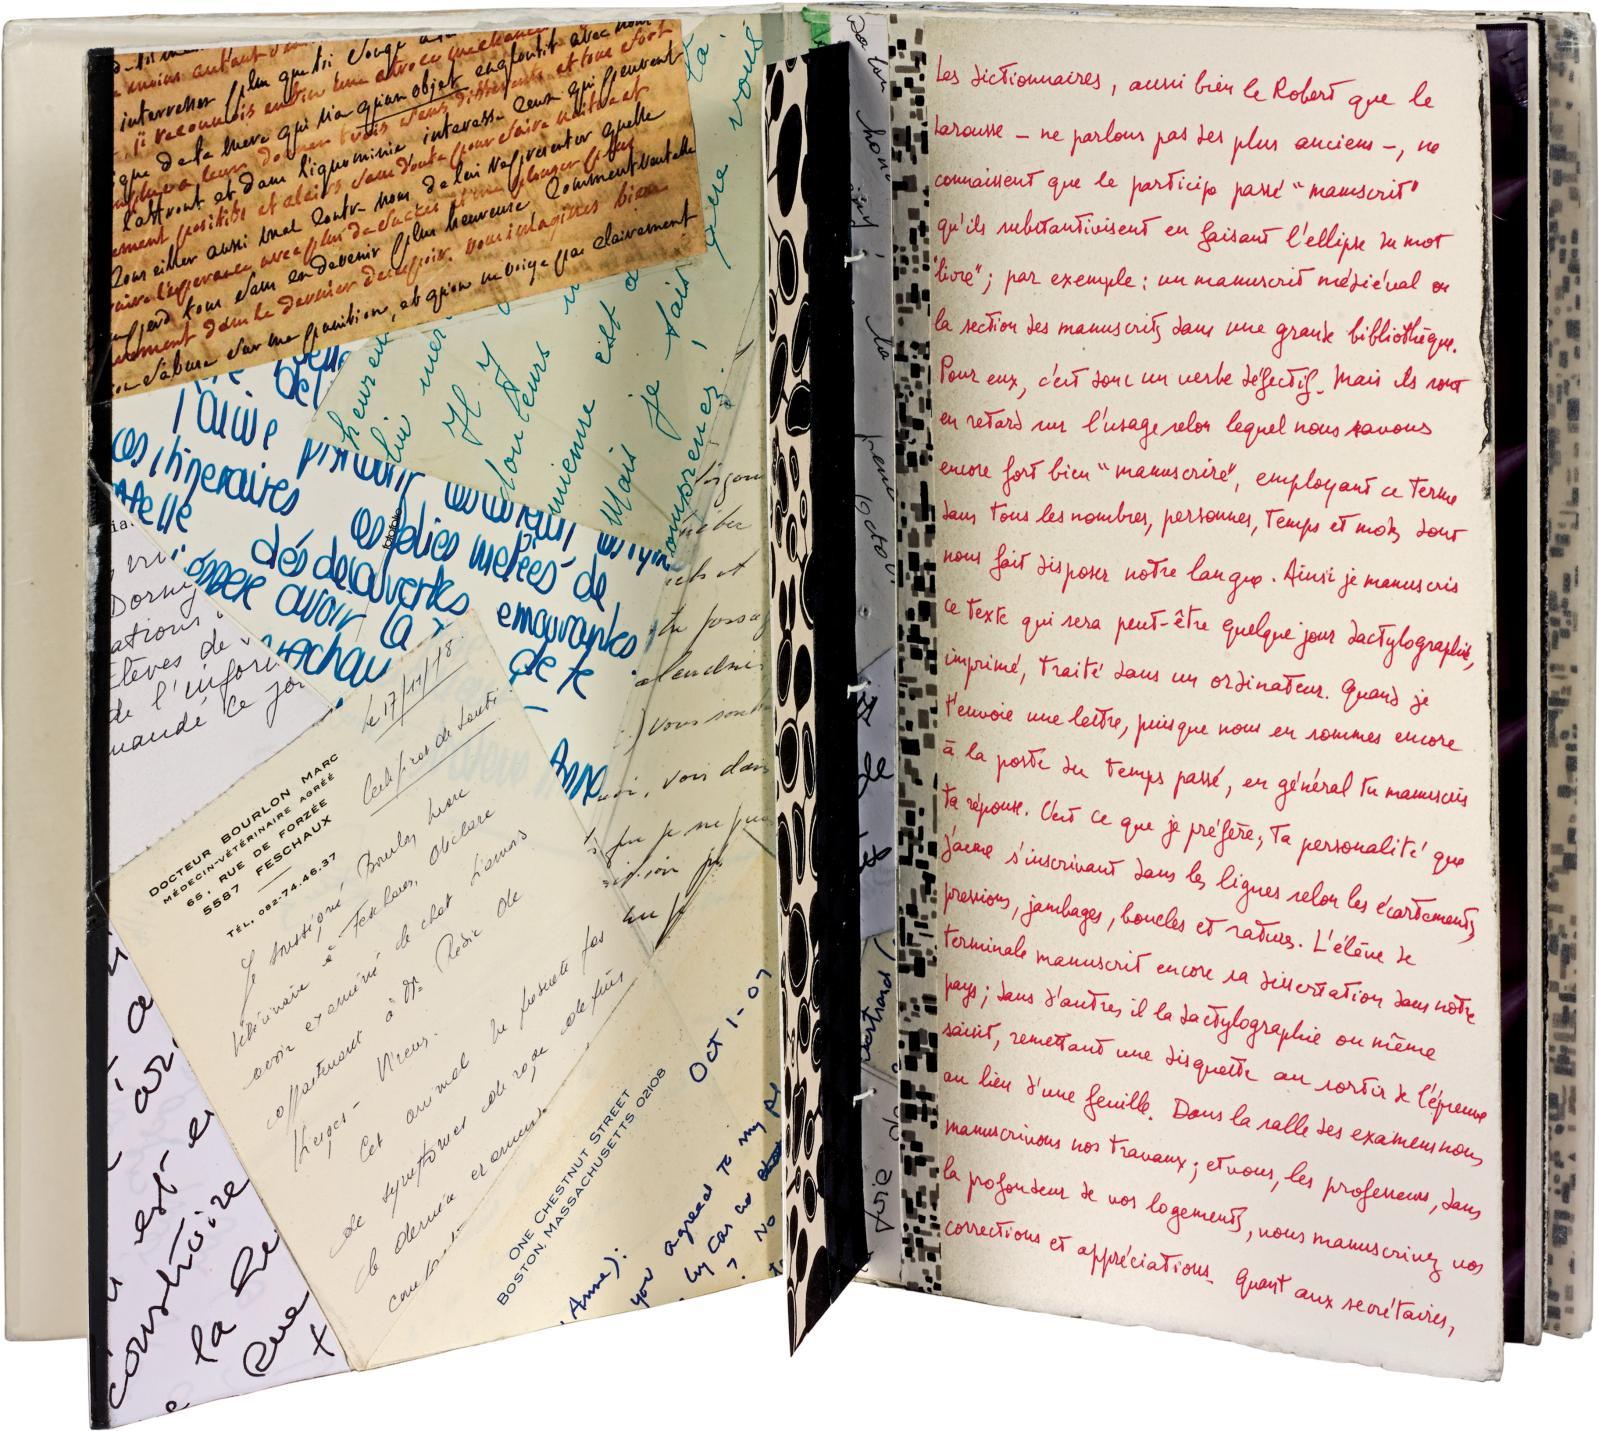 Michel Butor - Bertrand Dorny (1931-2015), Manuscrire, Paris, Lucinges (Haute-Savoie), 2007, plaquette petit in-4o de 10feuillets montés en accordéon